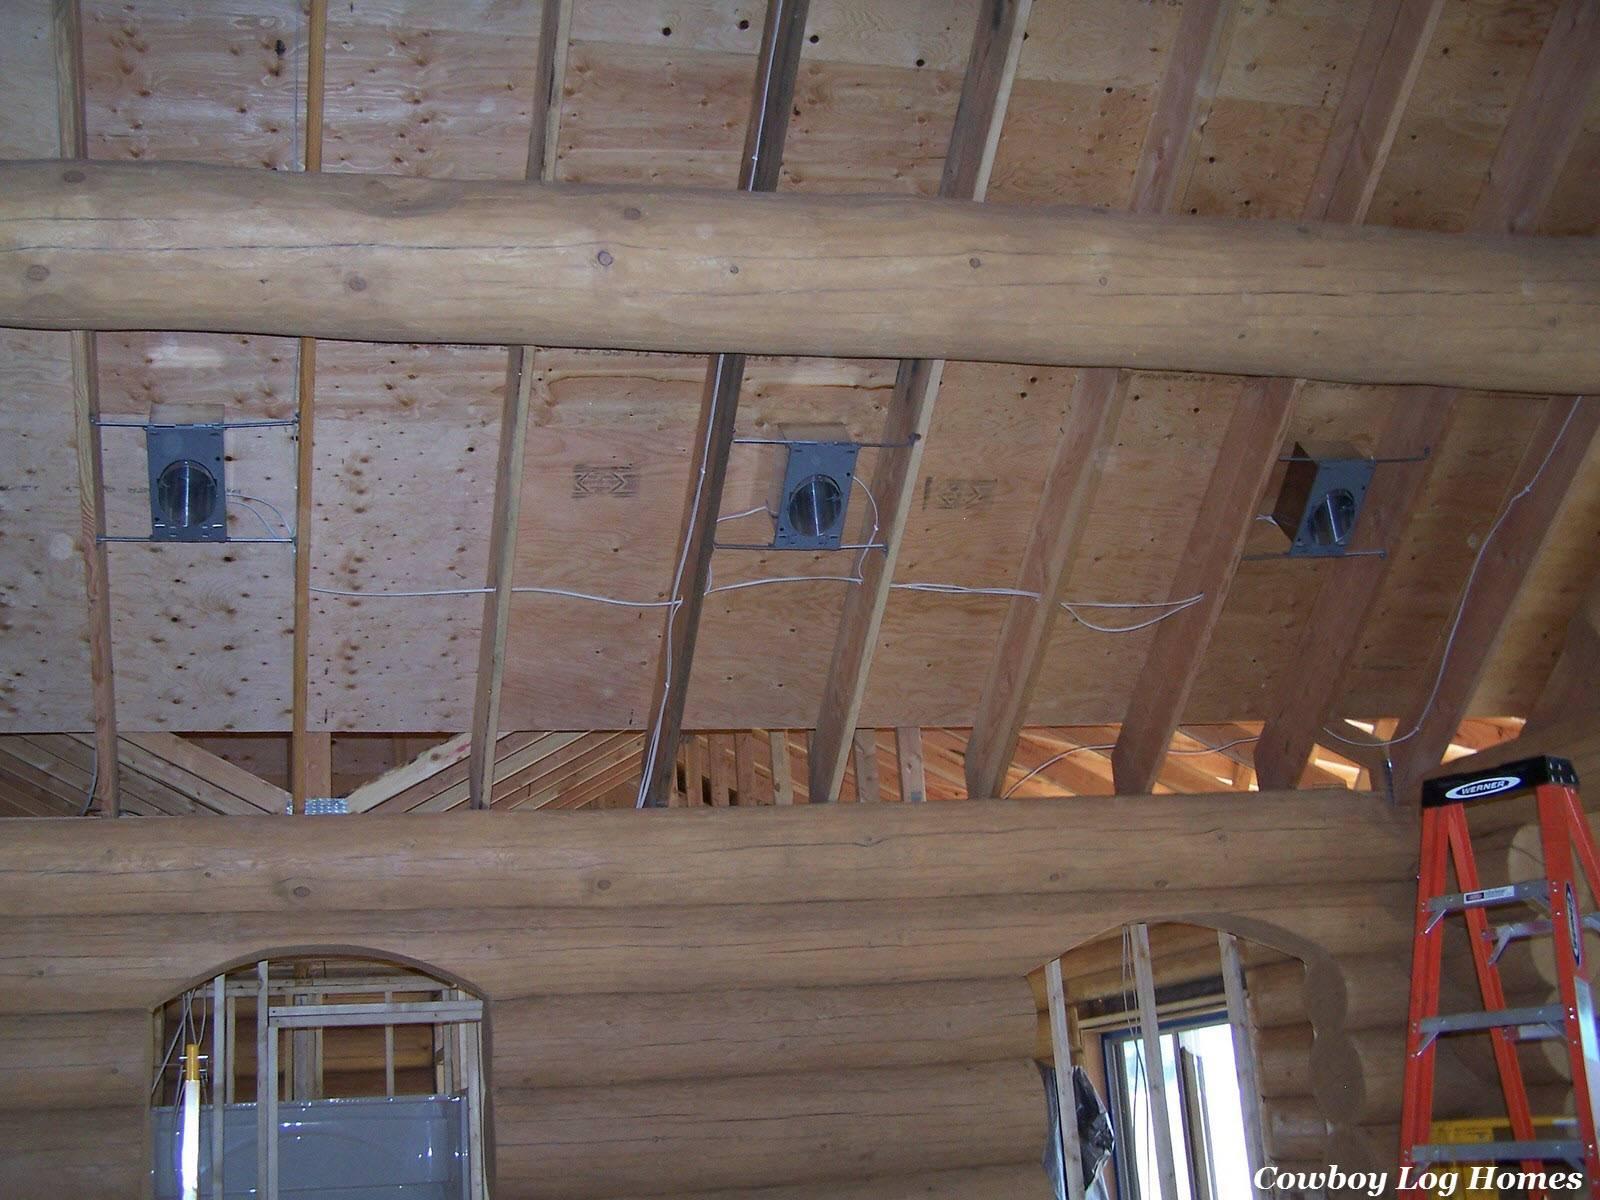 Rough Log Home Cowboy Homes